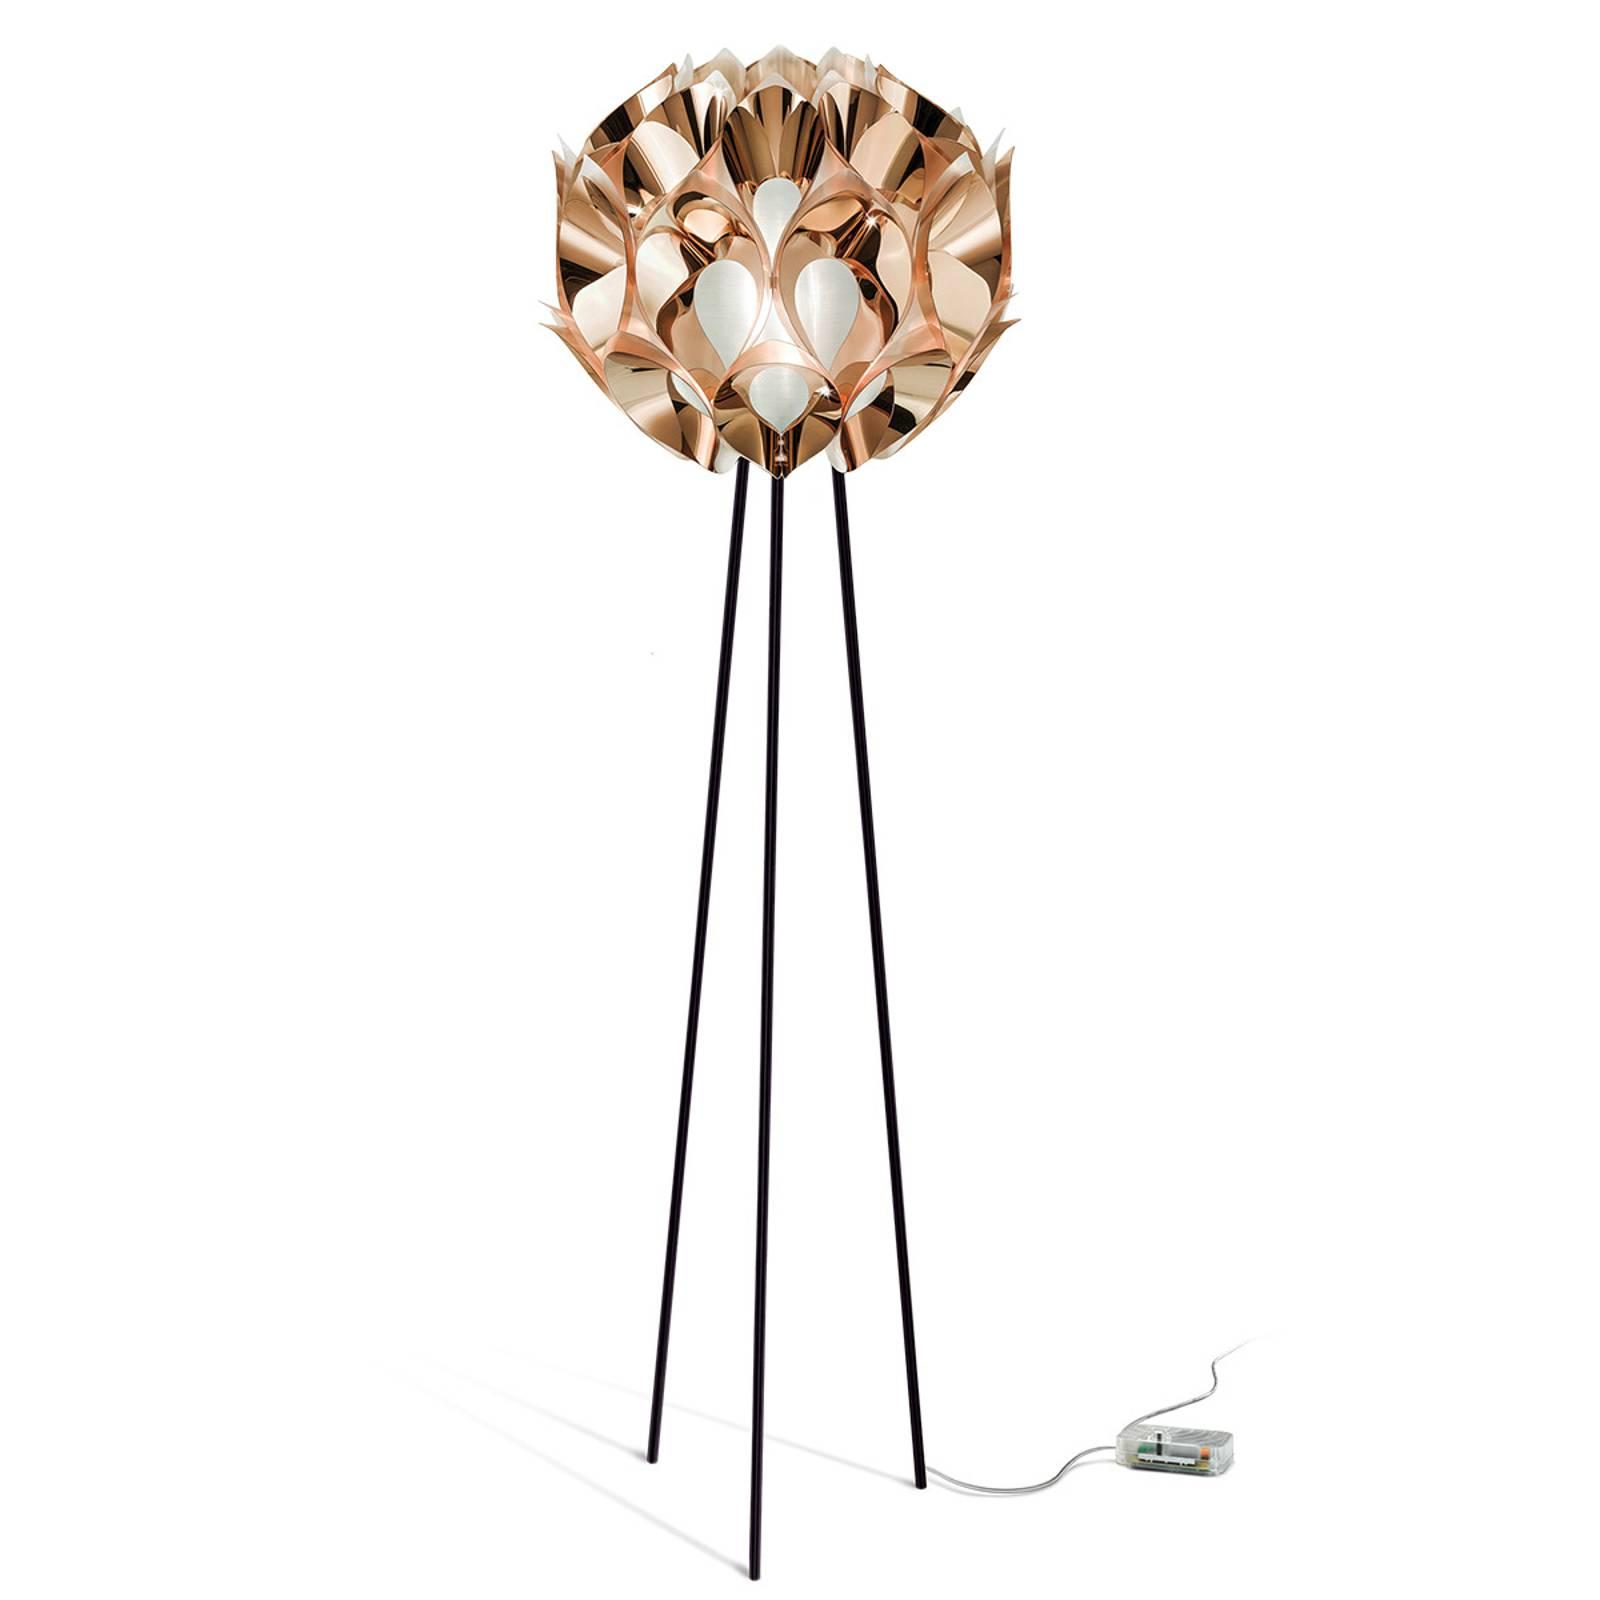 stehlampen und andere lampen von slamp online kaufen bei m bel garten. Black Bedroom Furniture Sets. Home Design Ideas